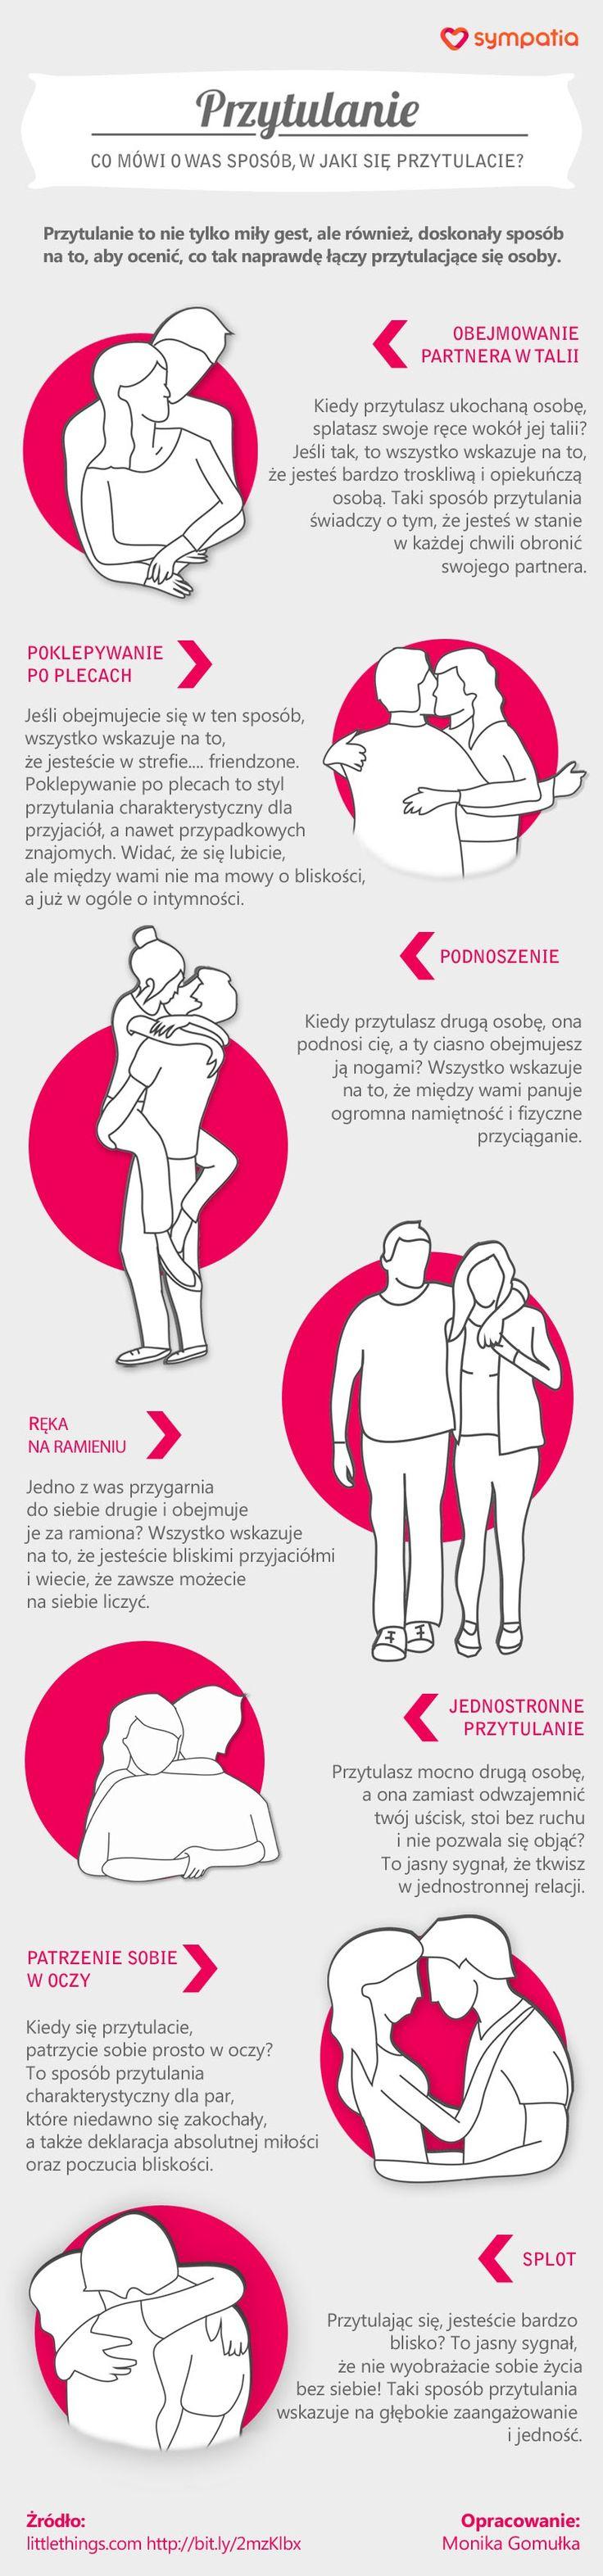 Infografika o tym, co sposób przytulania mówi o naszym związku. Infographic about hugging.